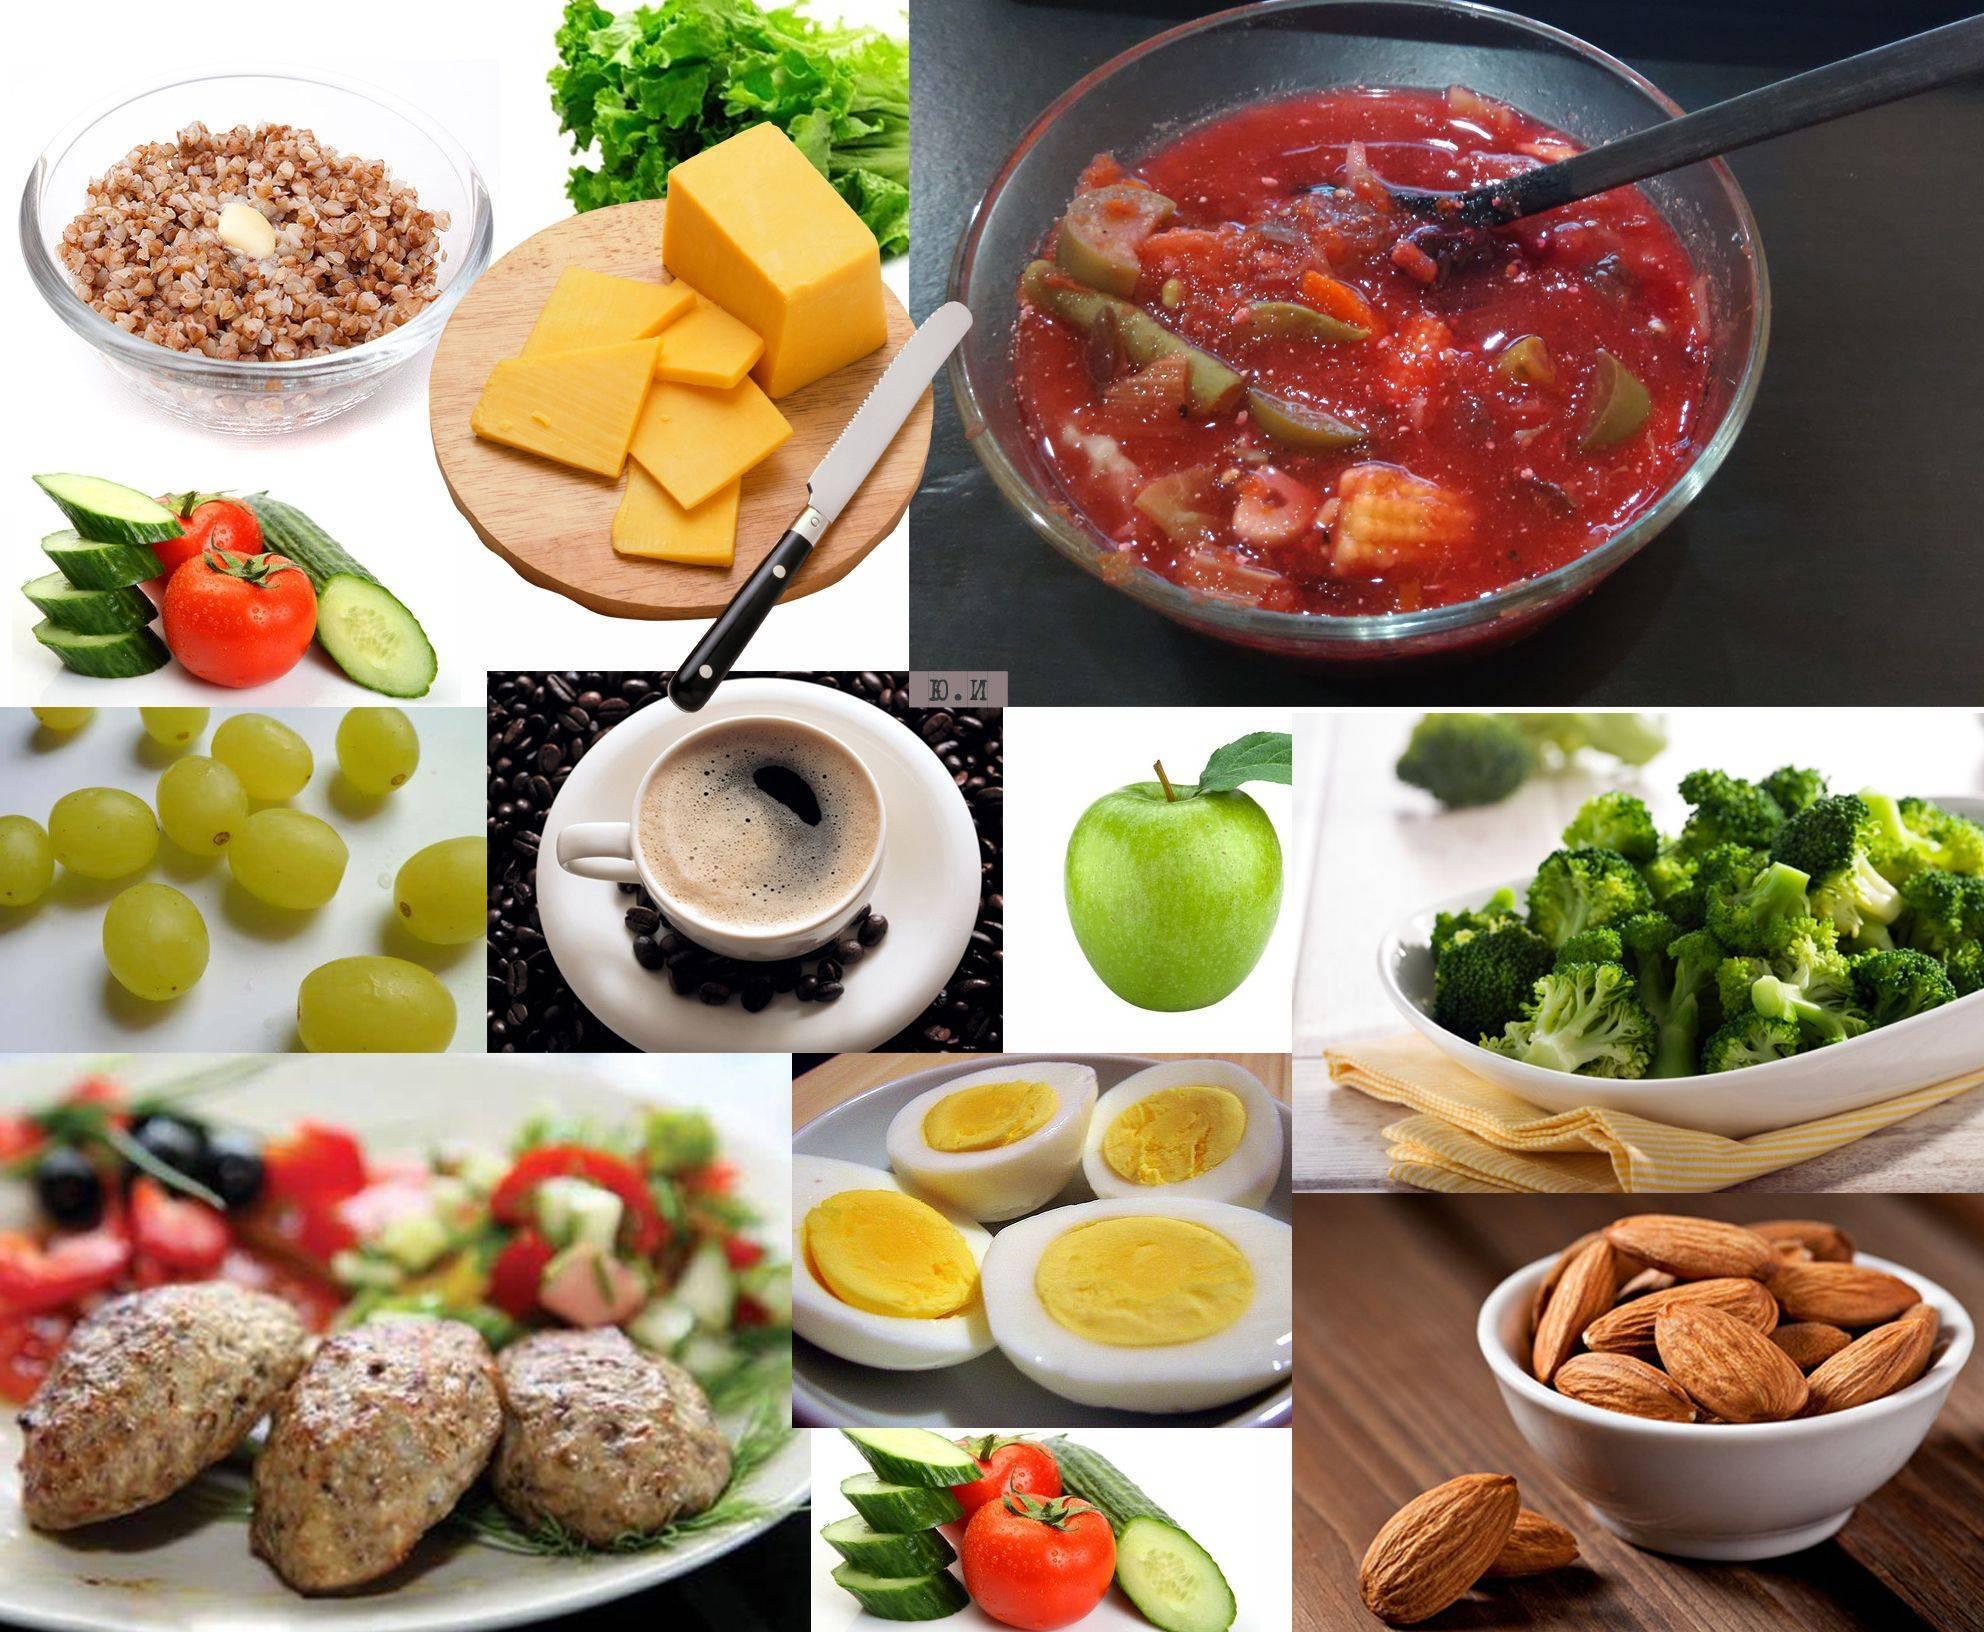 Диета при отравлении: как питаться и чем, запрещенные и разрешенные продукты, простые блюда